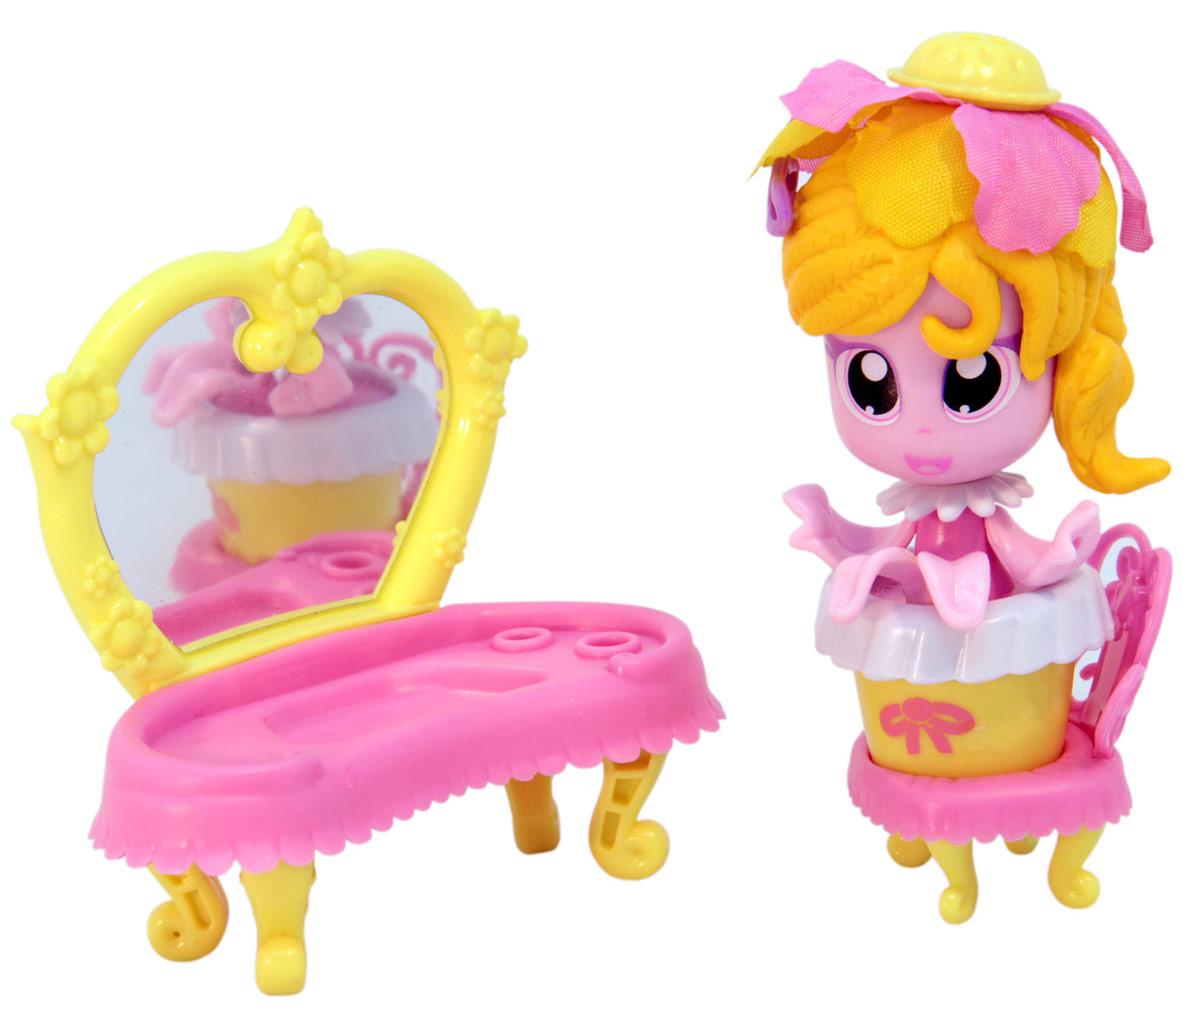 Daisy Игровой набор с куклой Кукла-цветочек18805Куклы-цветочки Daisy Flowers в наборах с яркими аксессуарами, наклейками, забавными питомцами и даже домом-лейкой! Милые куколки-цветочки - это разноцветные разборные игрушки, которые могут меняться между собой прическами, цветочными шляпками и аксессуарами. В ассортименте разные виды наборов: можно выбрать комплект кукол с аксессуарами, со сказочным питомцем, или даже c домом-лейкой и мини-мебелью. Куколки-цветочки можно наряжать, меняя их образы, брать с собой в дорогу или в гости! Собери коллекцию и подружи куколок между собой!